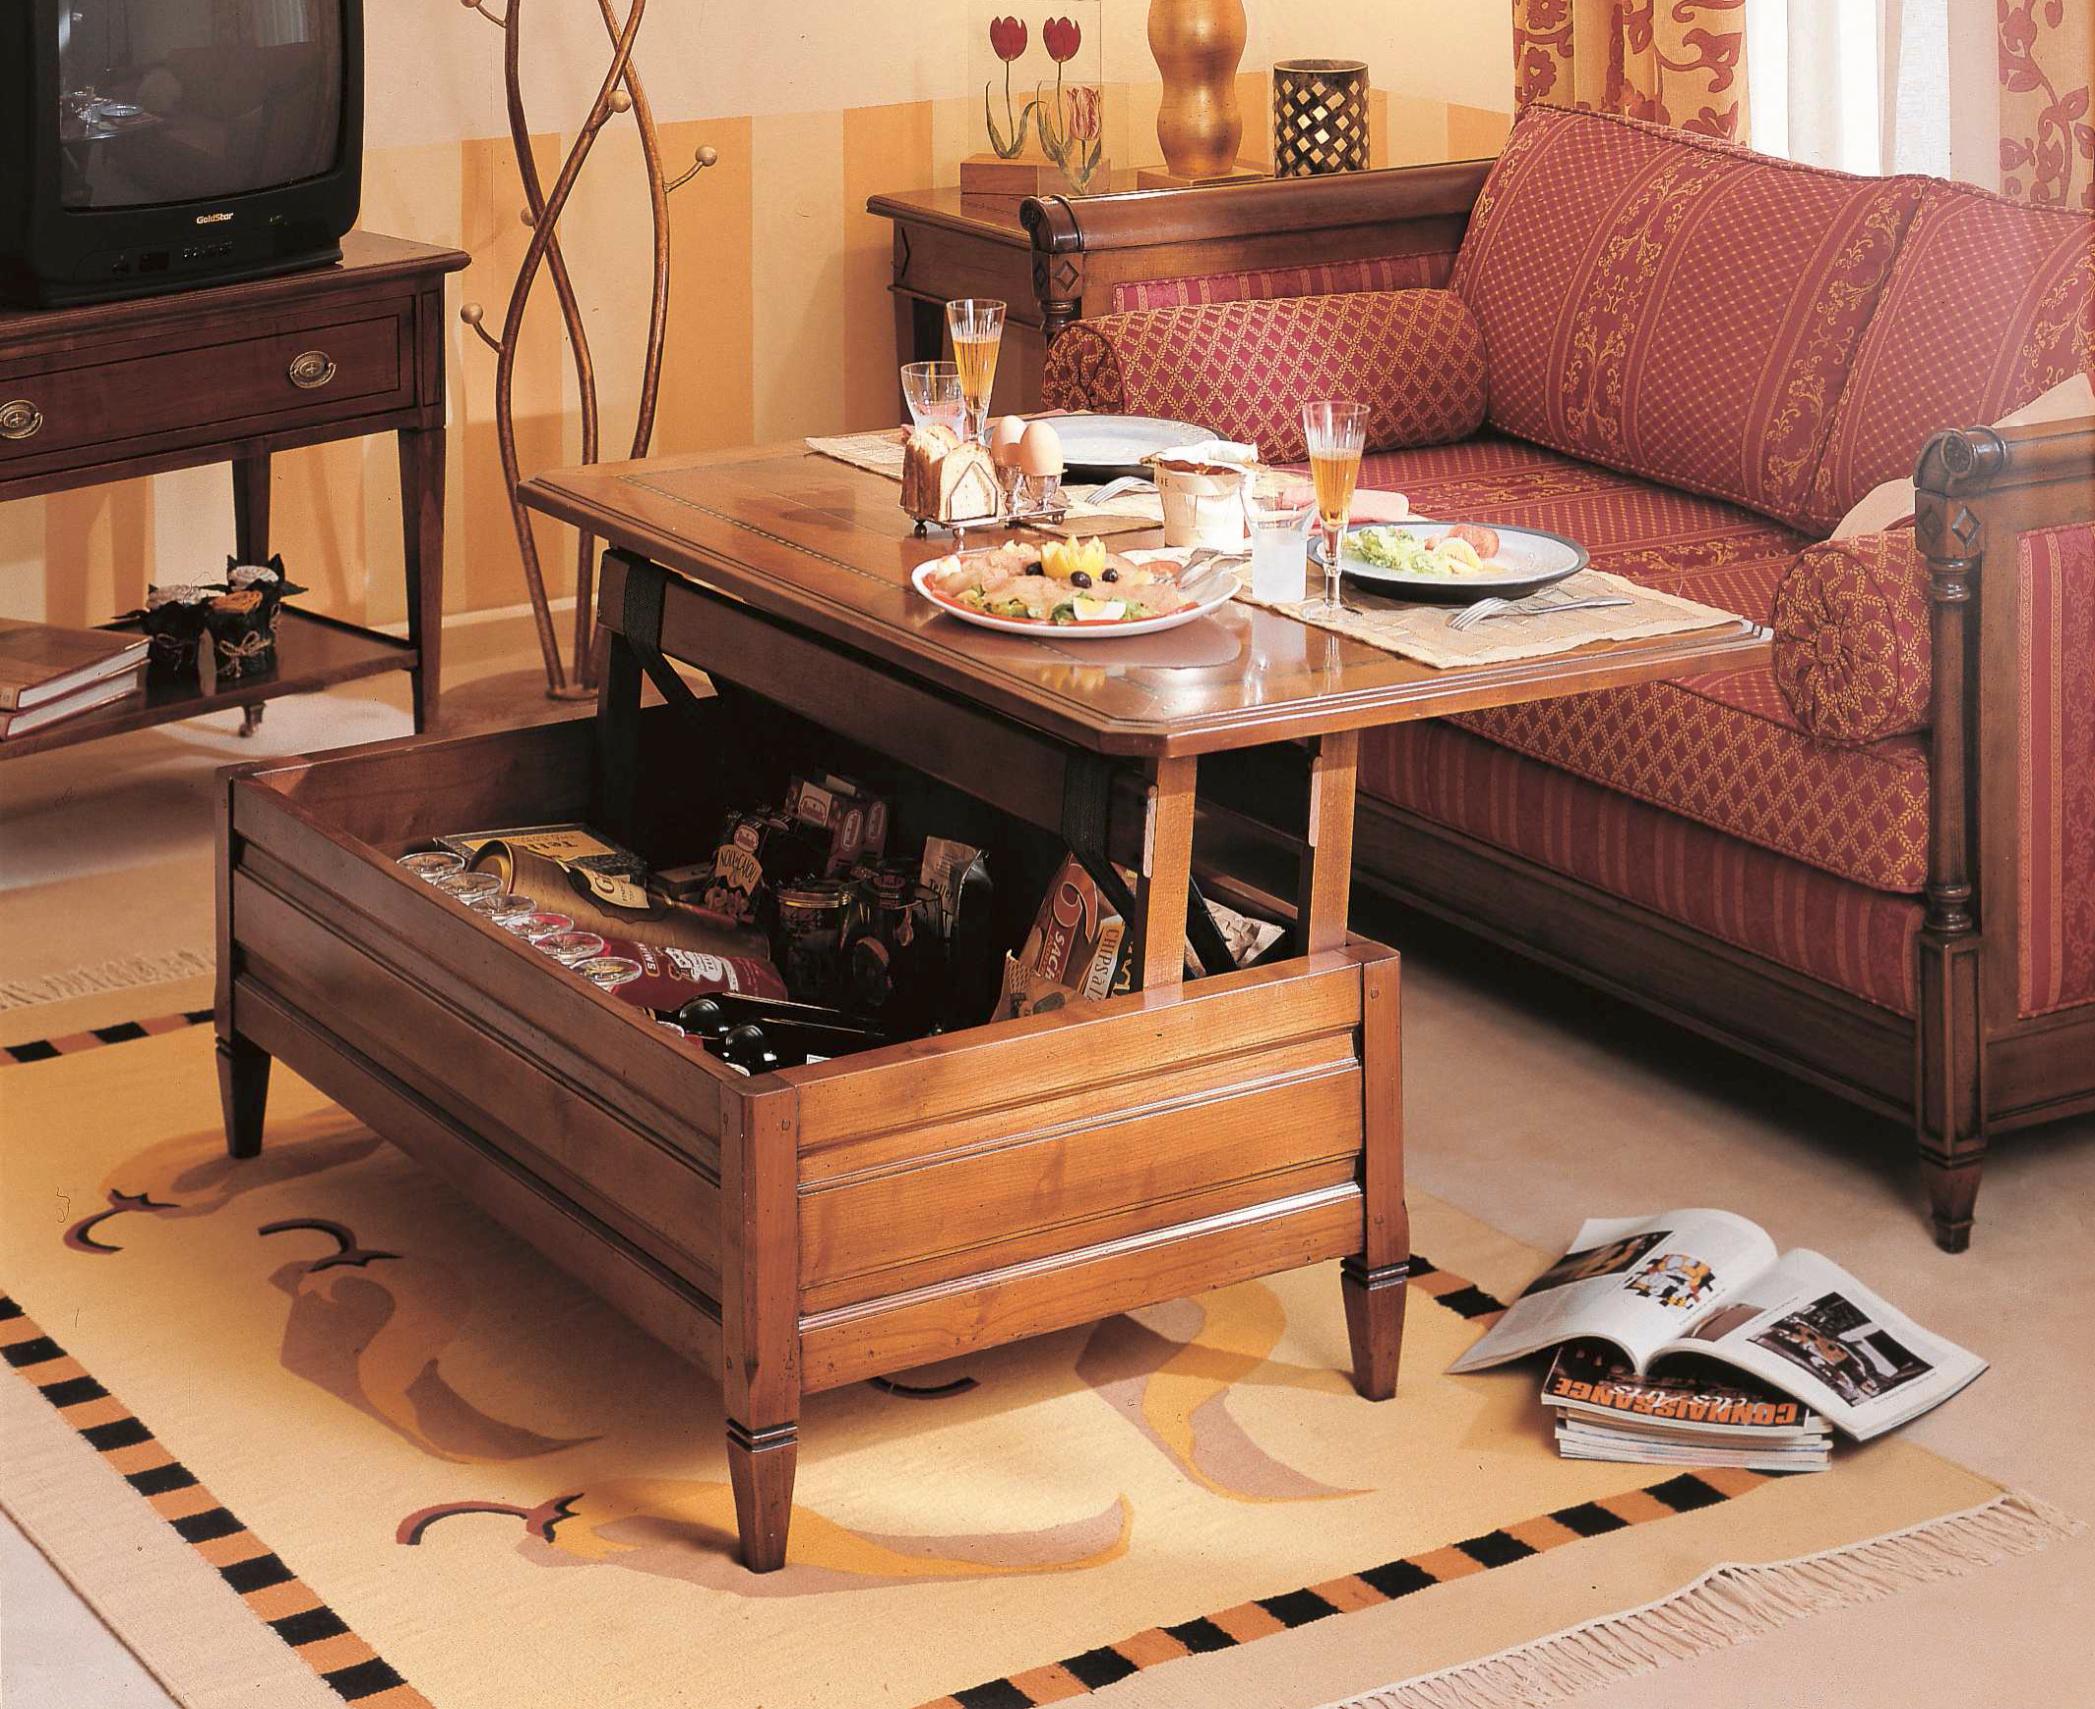 meubles richelieu tables basses de style directoire. Black Bedroom Furniture Sets. Home Design Ideas